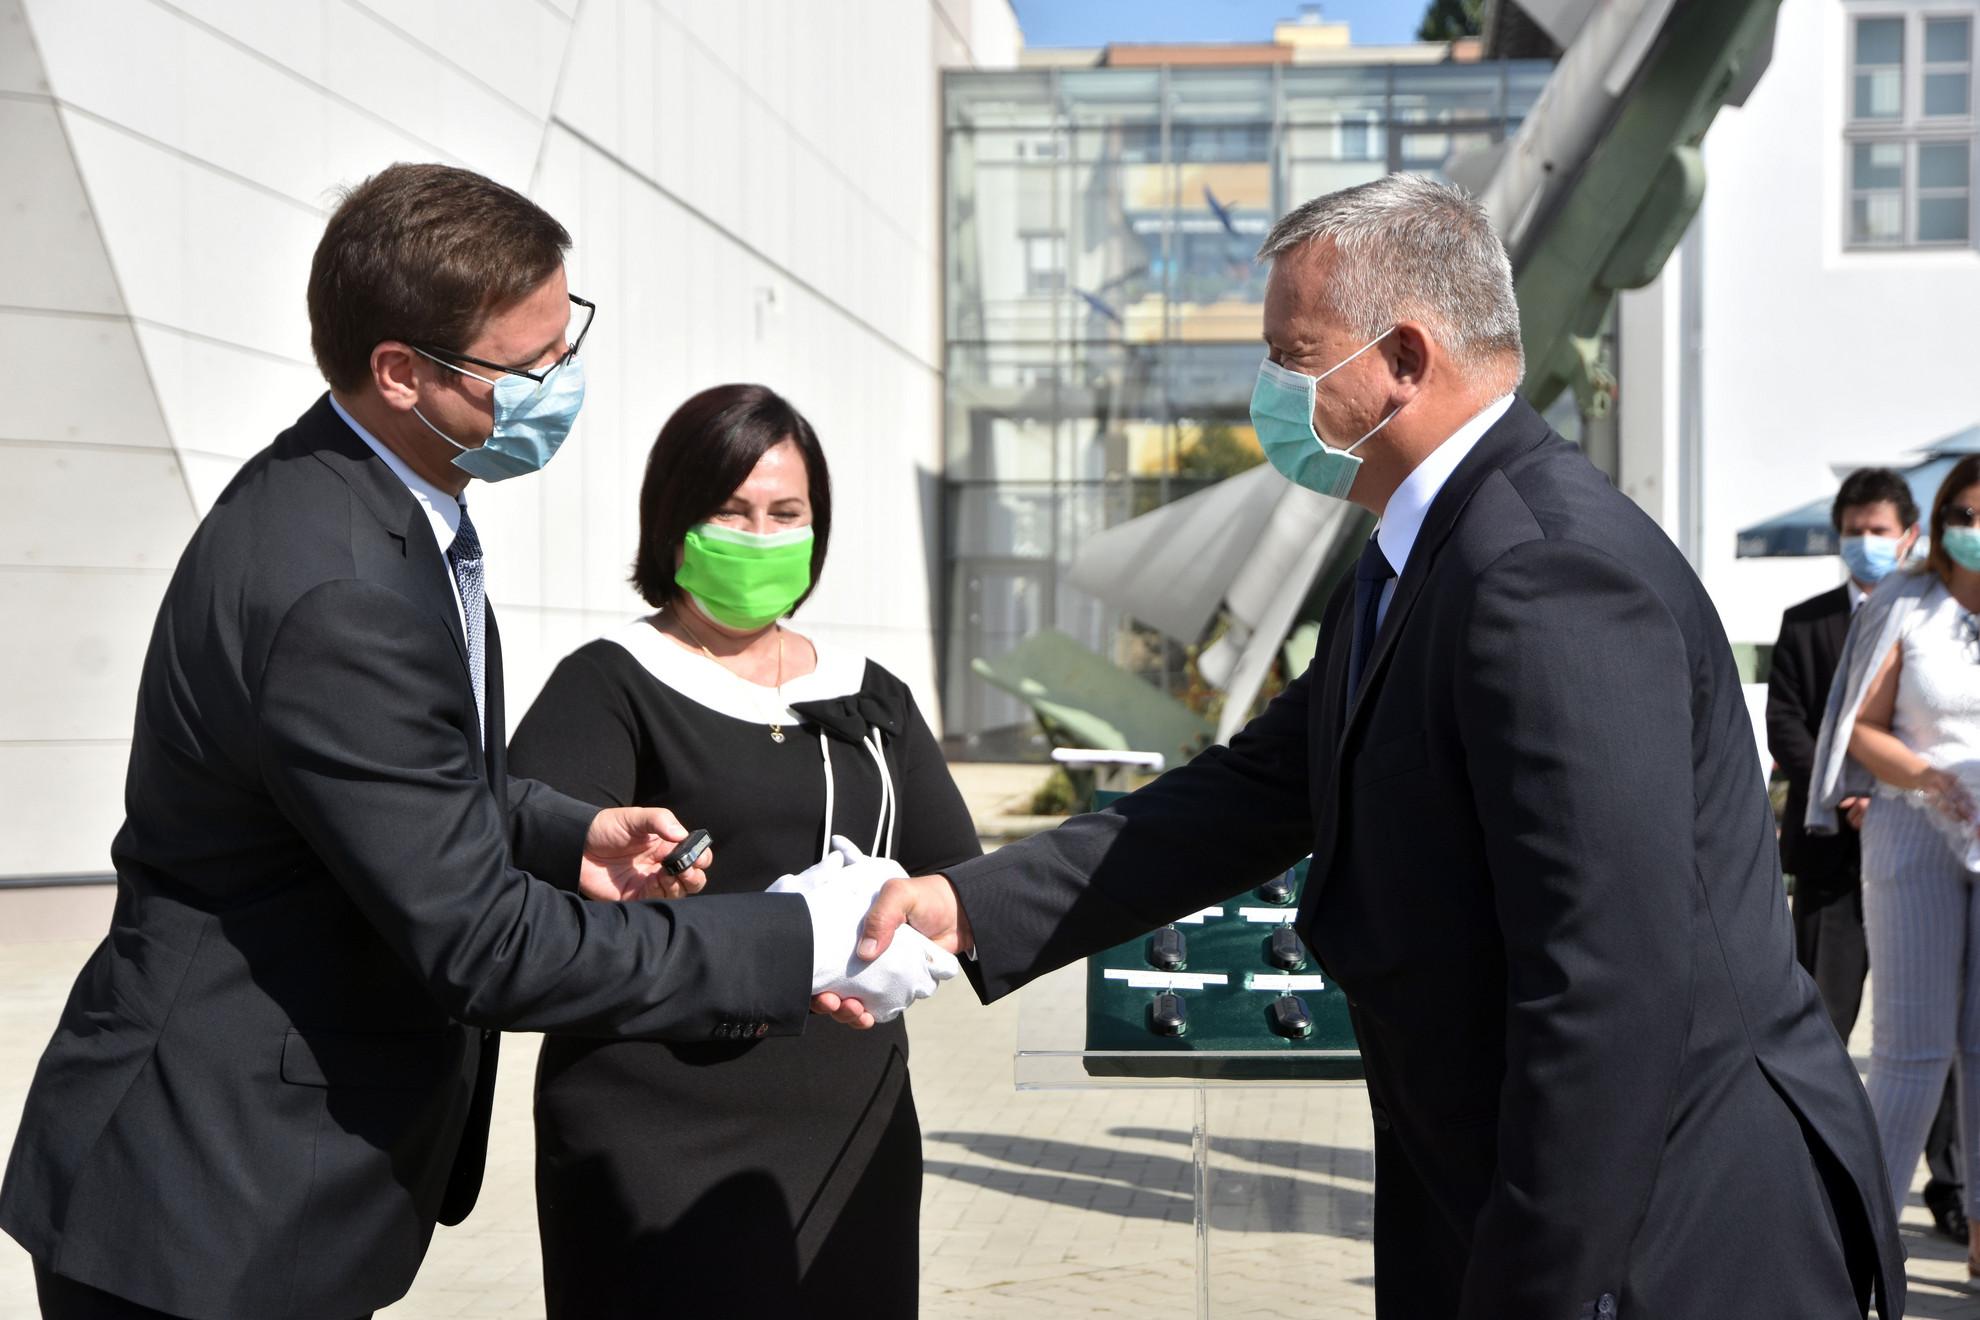 Gulyás Gergely, a Miniszterelnökséget vezető miniszter (b) átadja az egyik új kormányablakbusz kulcsát Berkó Attila, Jász-Nagykun-Szolnok Megyei kormánymegbízottnak